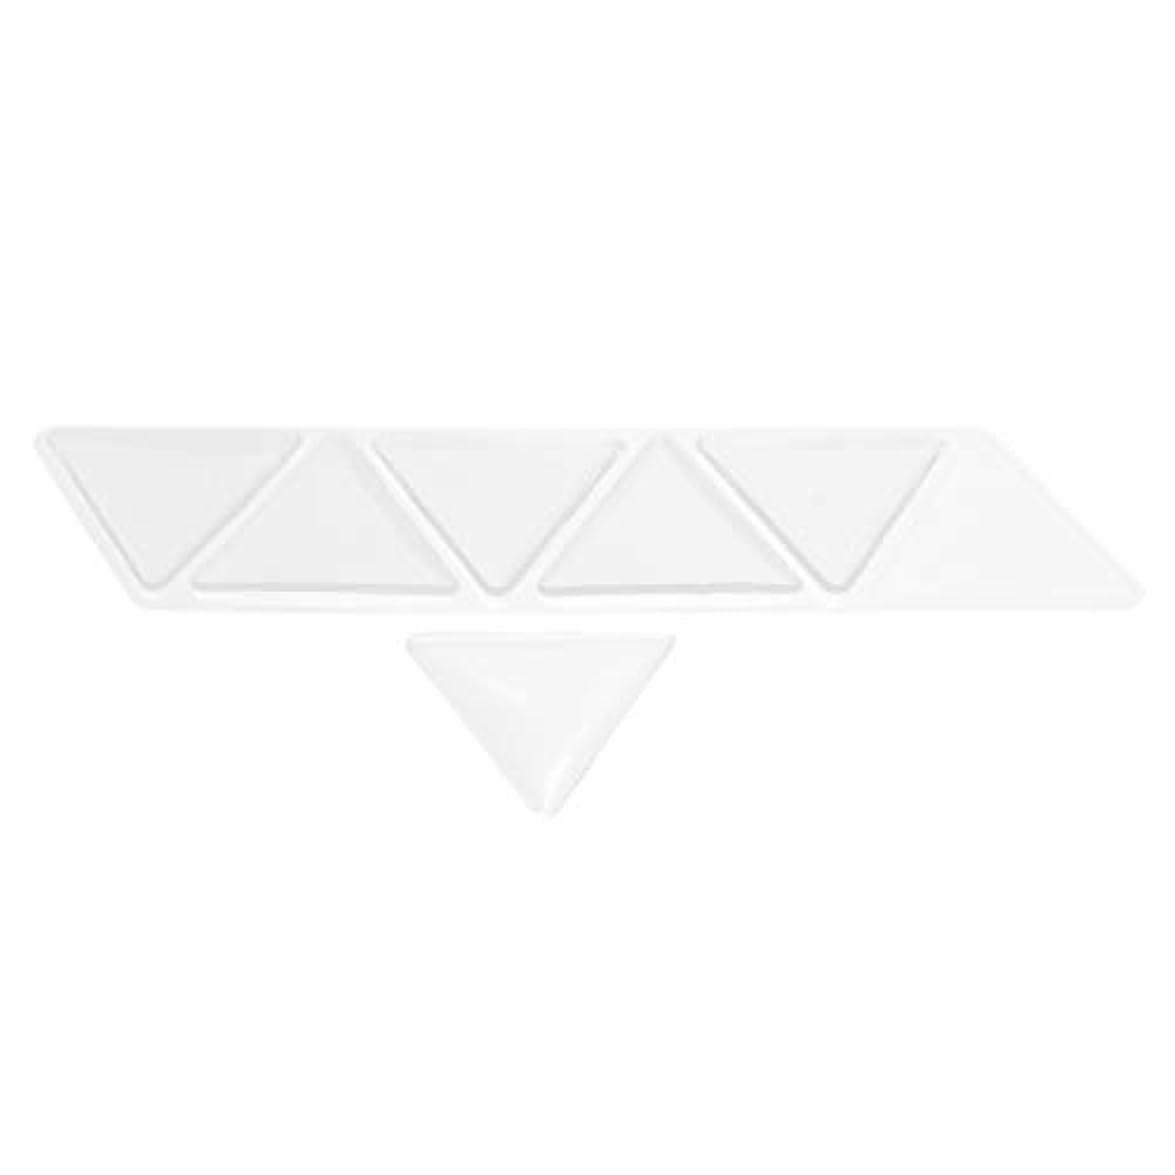 怒っているチャネルリハーサルHellery 額パッド シリコン 透明 額スキンケア 再利用可能な 目に見えない 三角パッド 6個セット